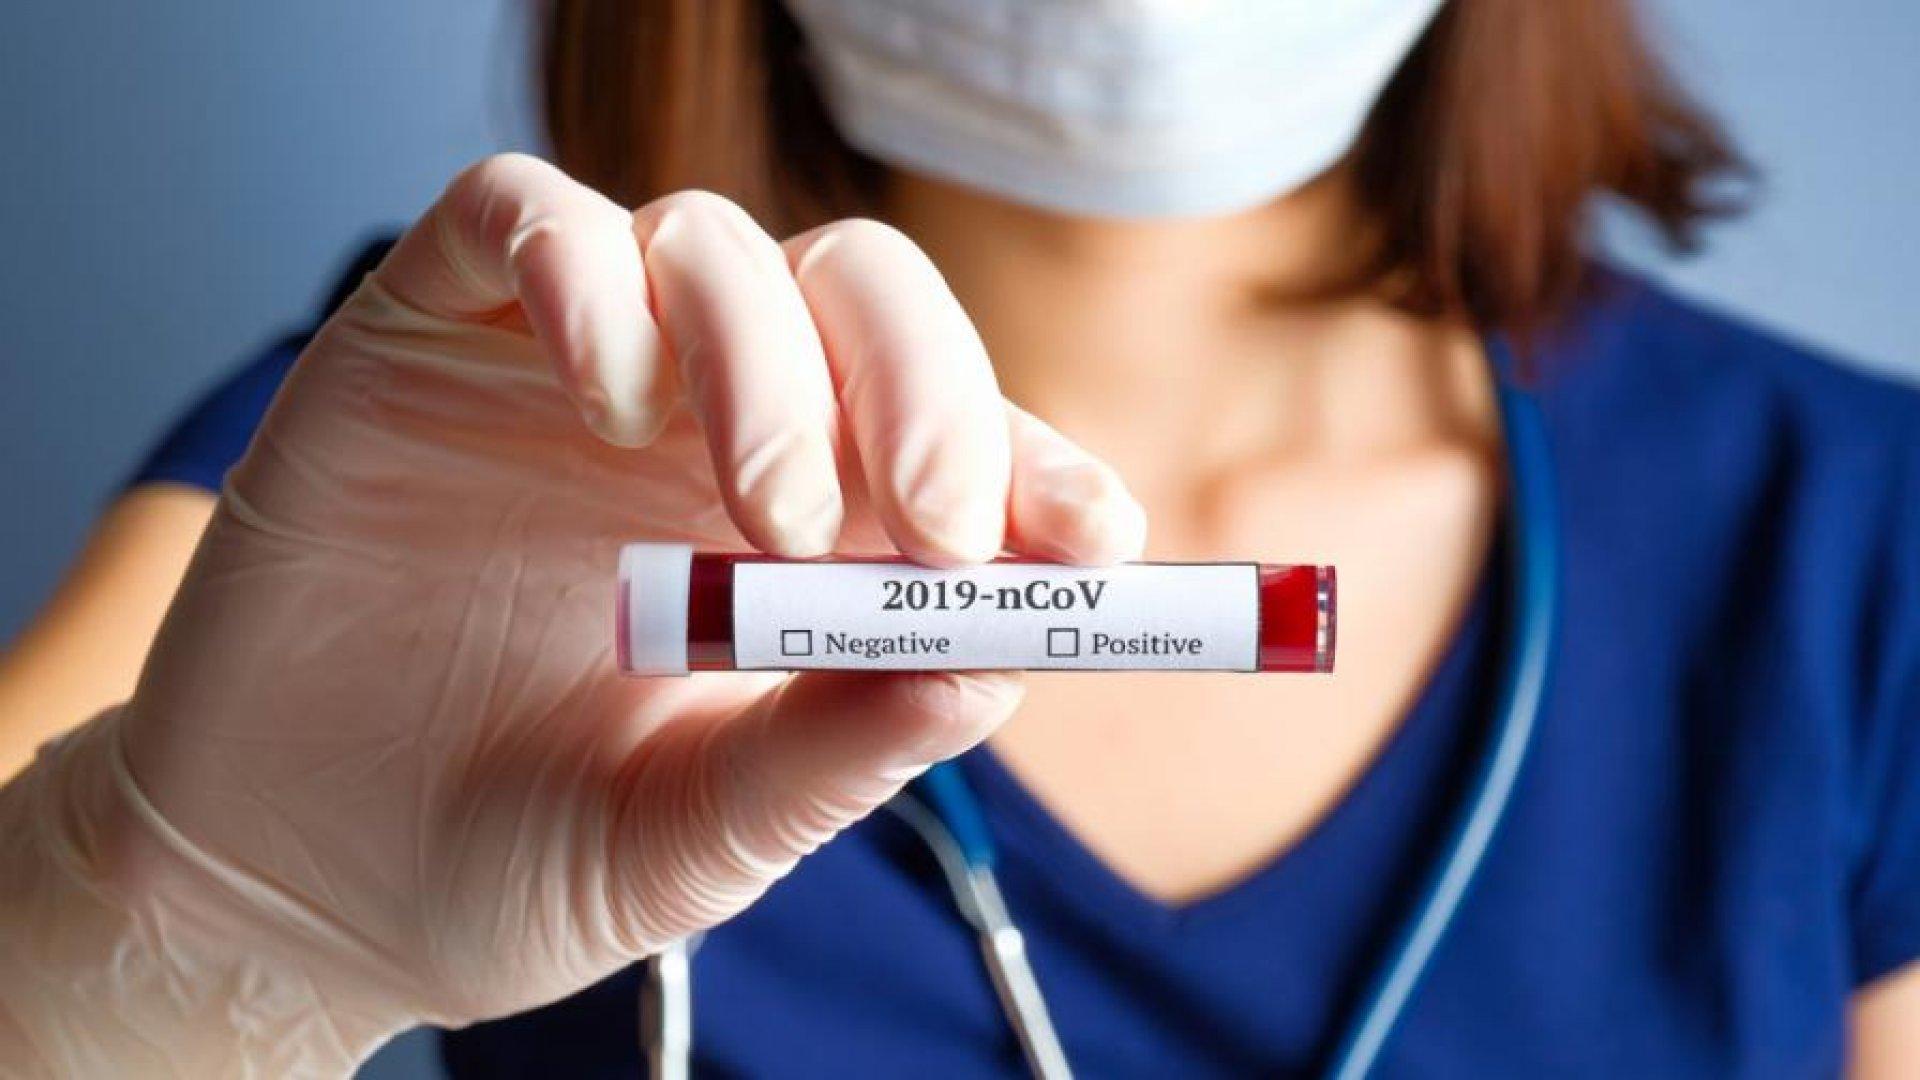 80 е общият брой на случаите в област Варна от началото на пандемията. Снимката е илюстративна